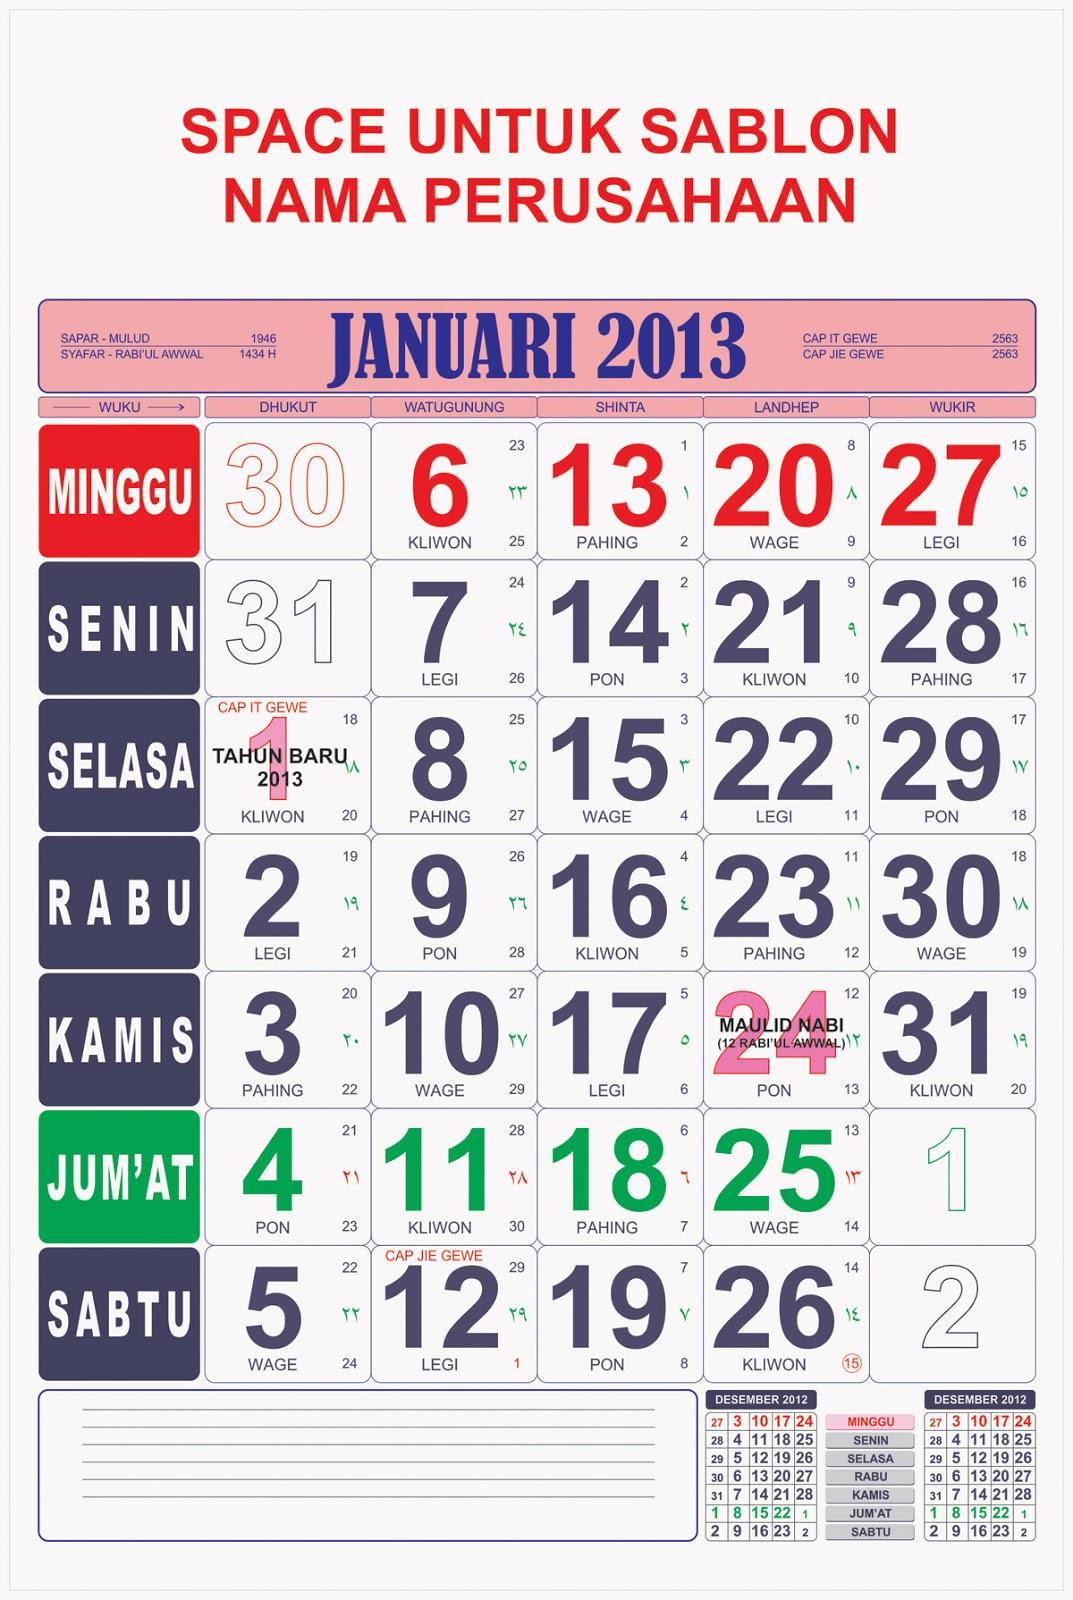 UPDATE KALENDER TOKO 2013 lengkap dengan Kalender Masehi, Hijriyah